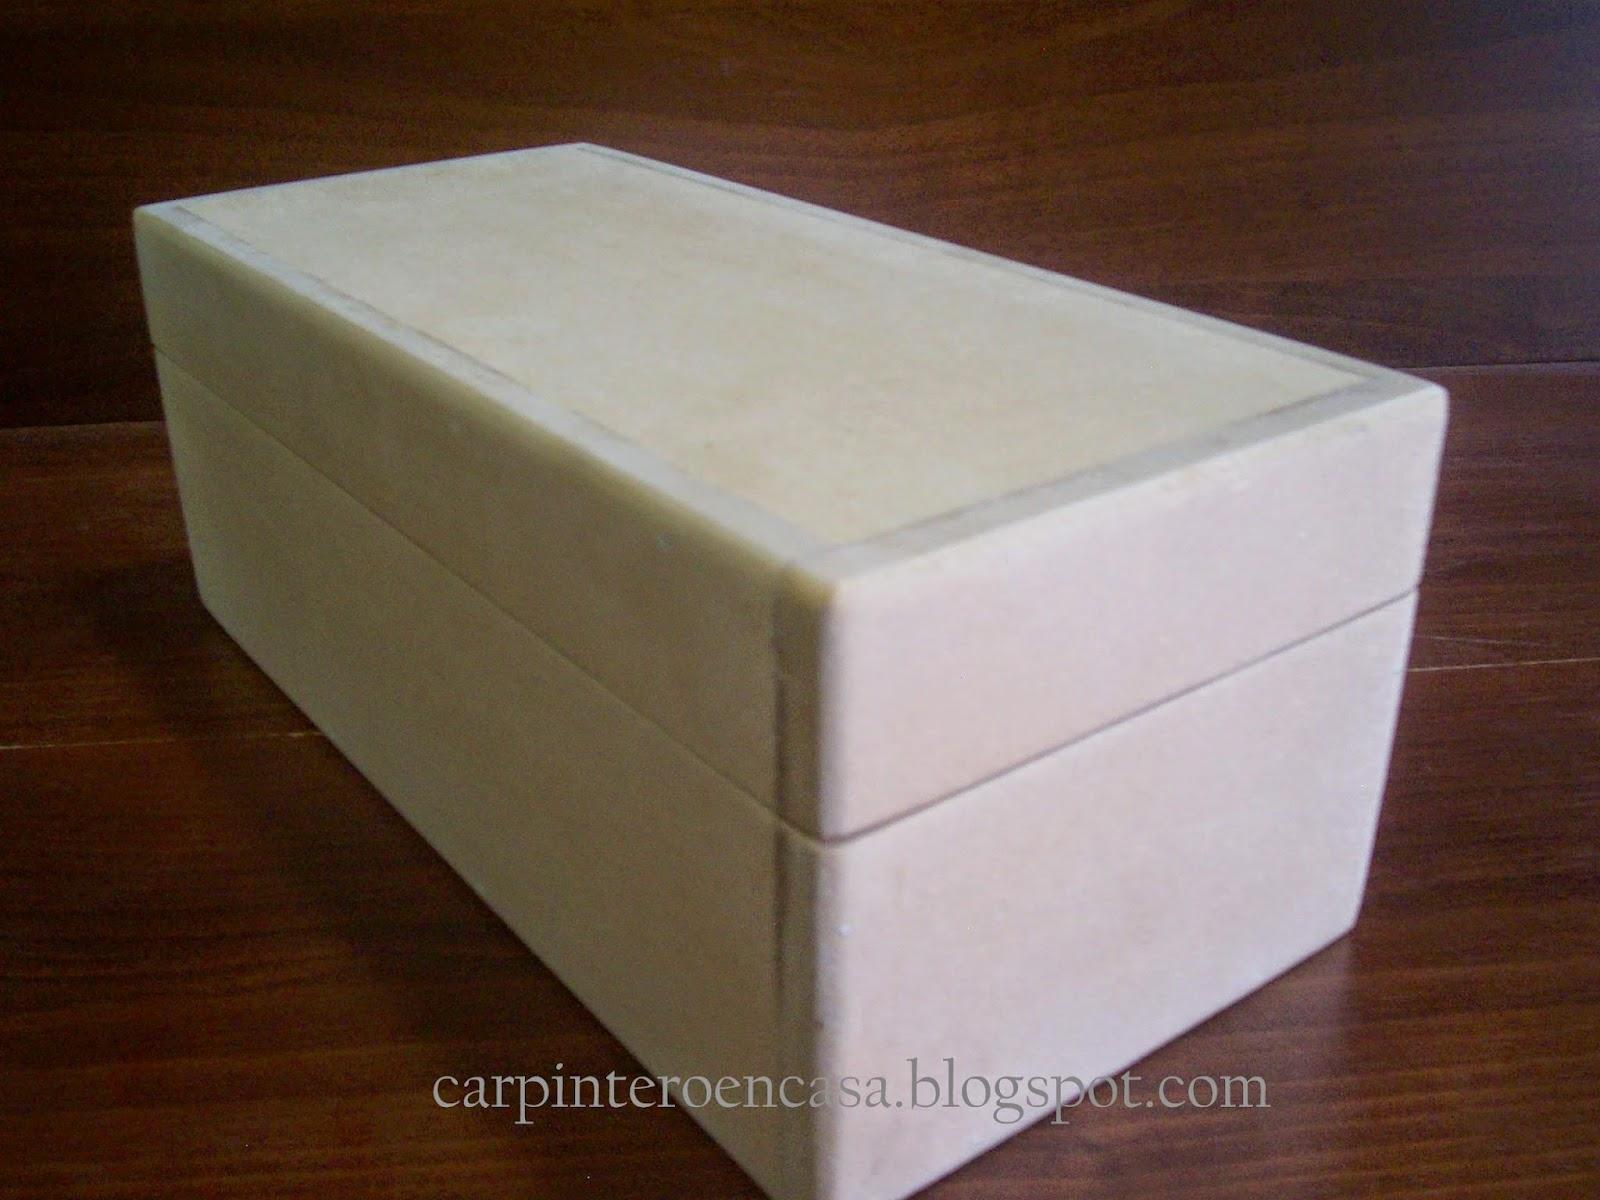 Hacer Cajas De Madera Cosas Que Se Pueden Hacer Con Cajas De  ~ Cajas De Madera Con Tapa De Cristal